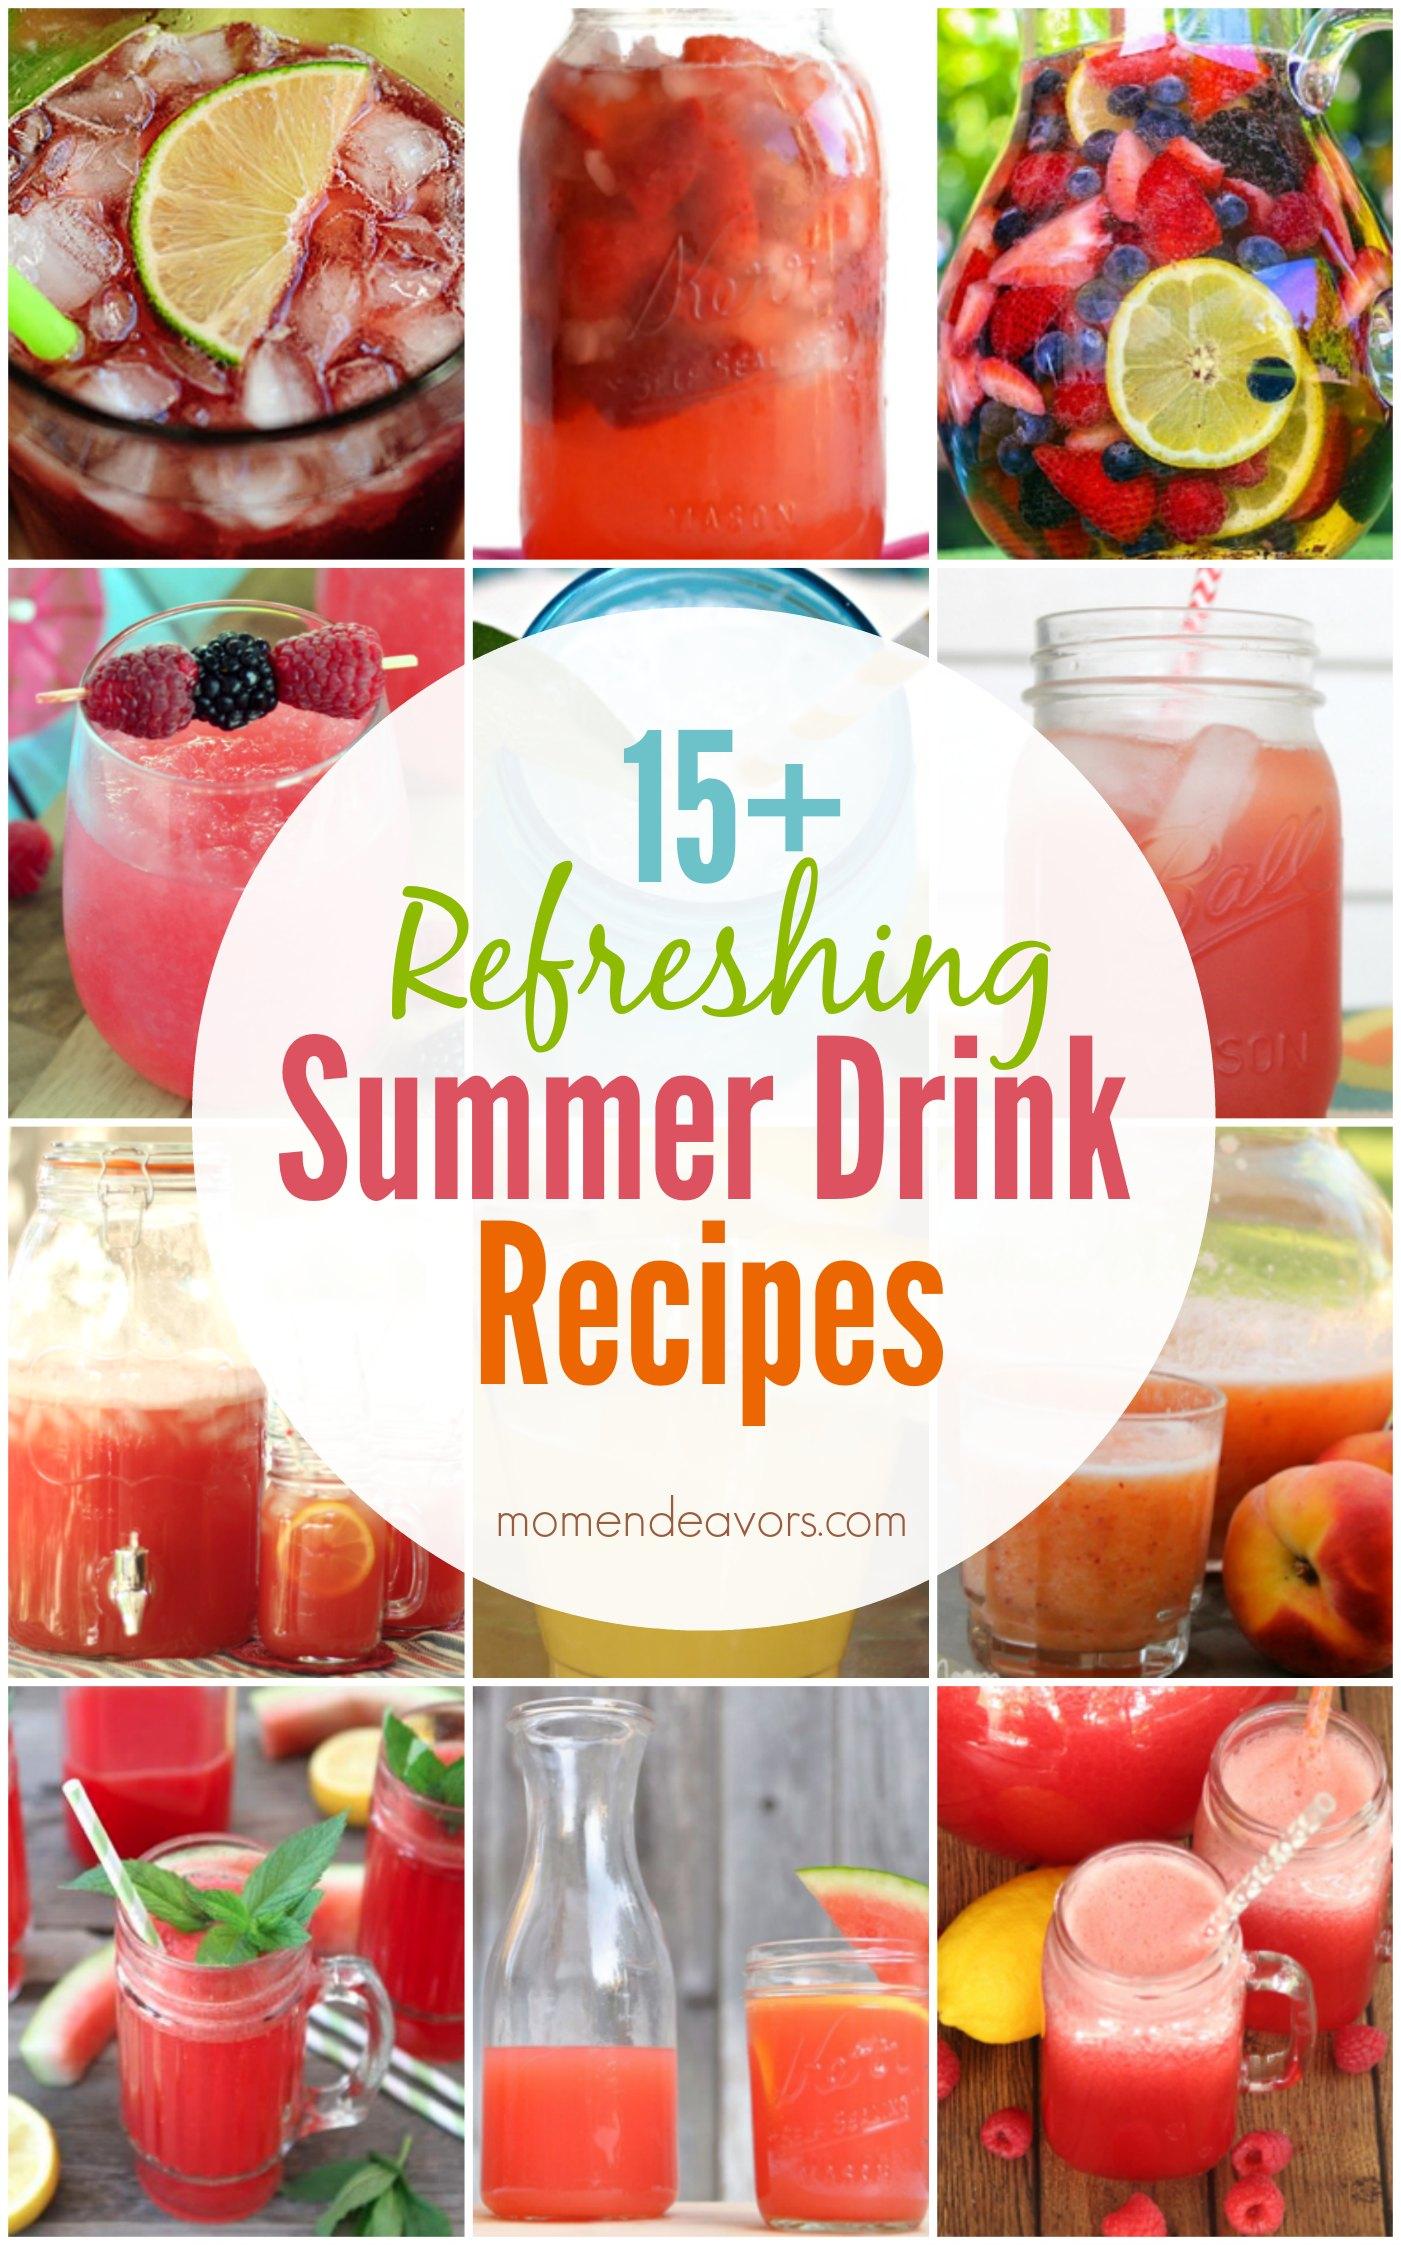 15+ Summer Drink Recipes